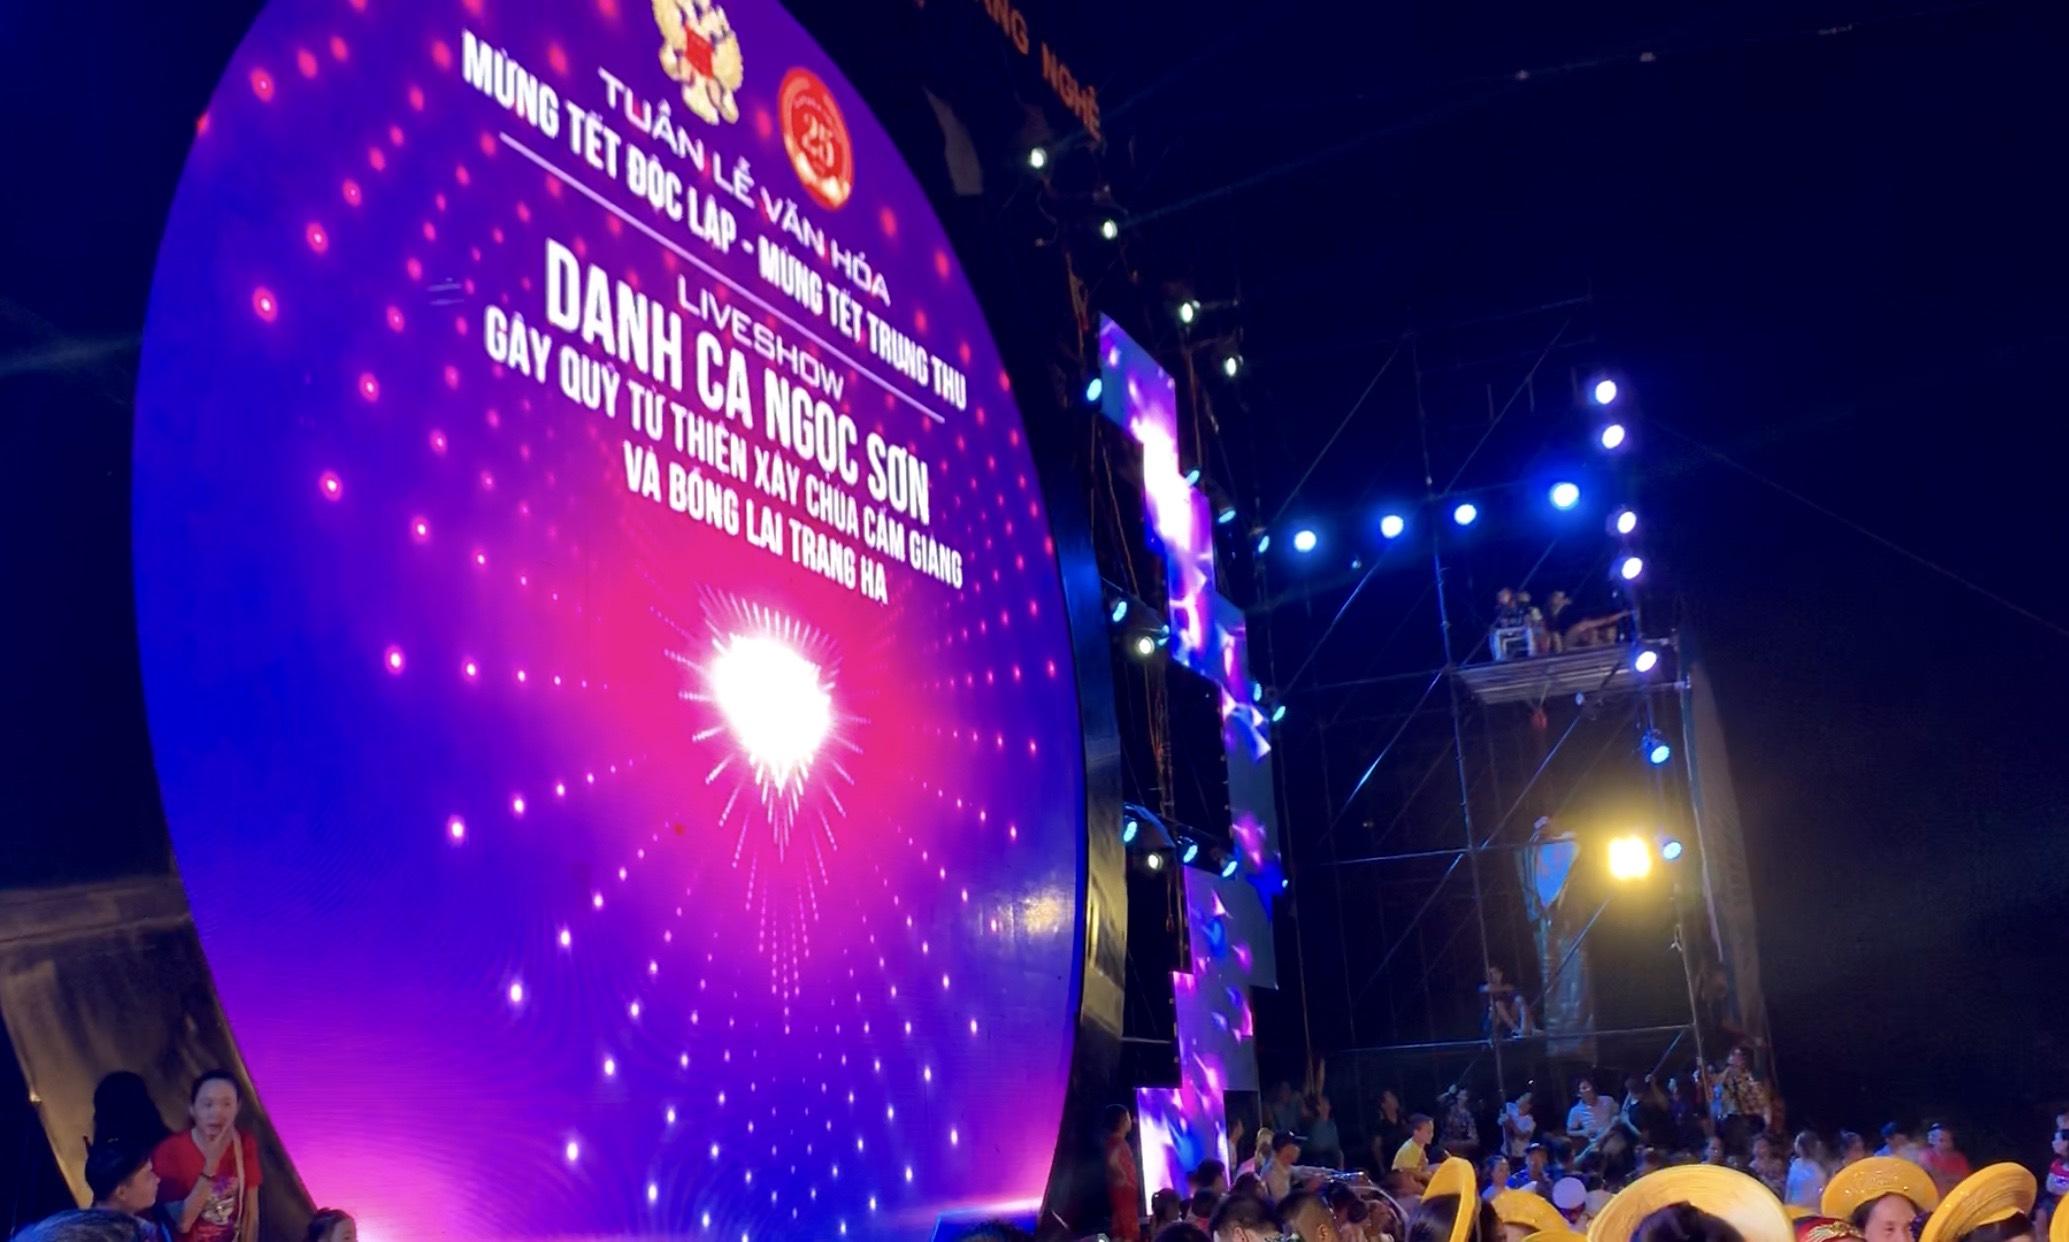 Doanh nhân Mẫn Ngọc Anh song ca cùng Ngọc Sơn trước 5 vạn khán giả 6